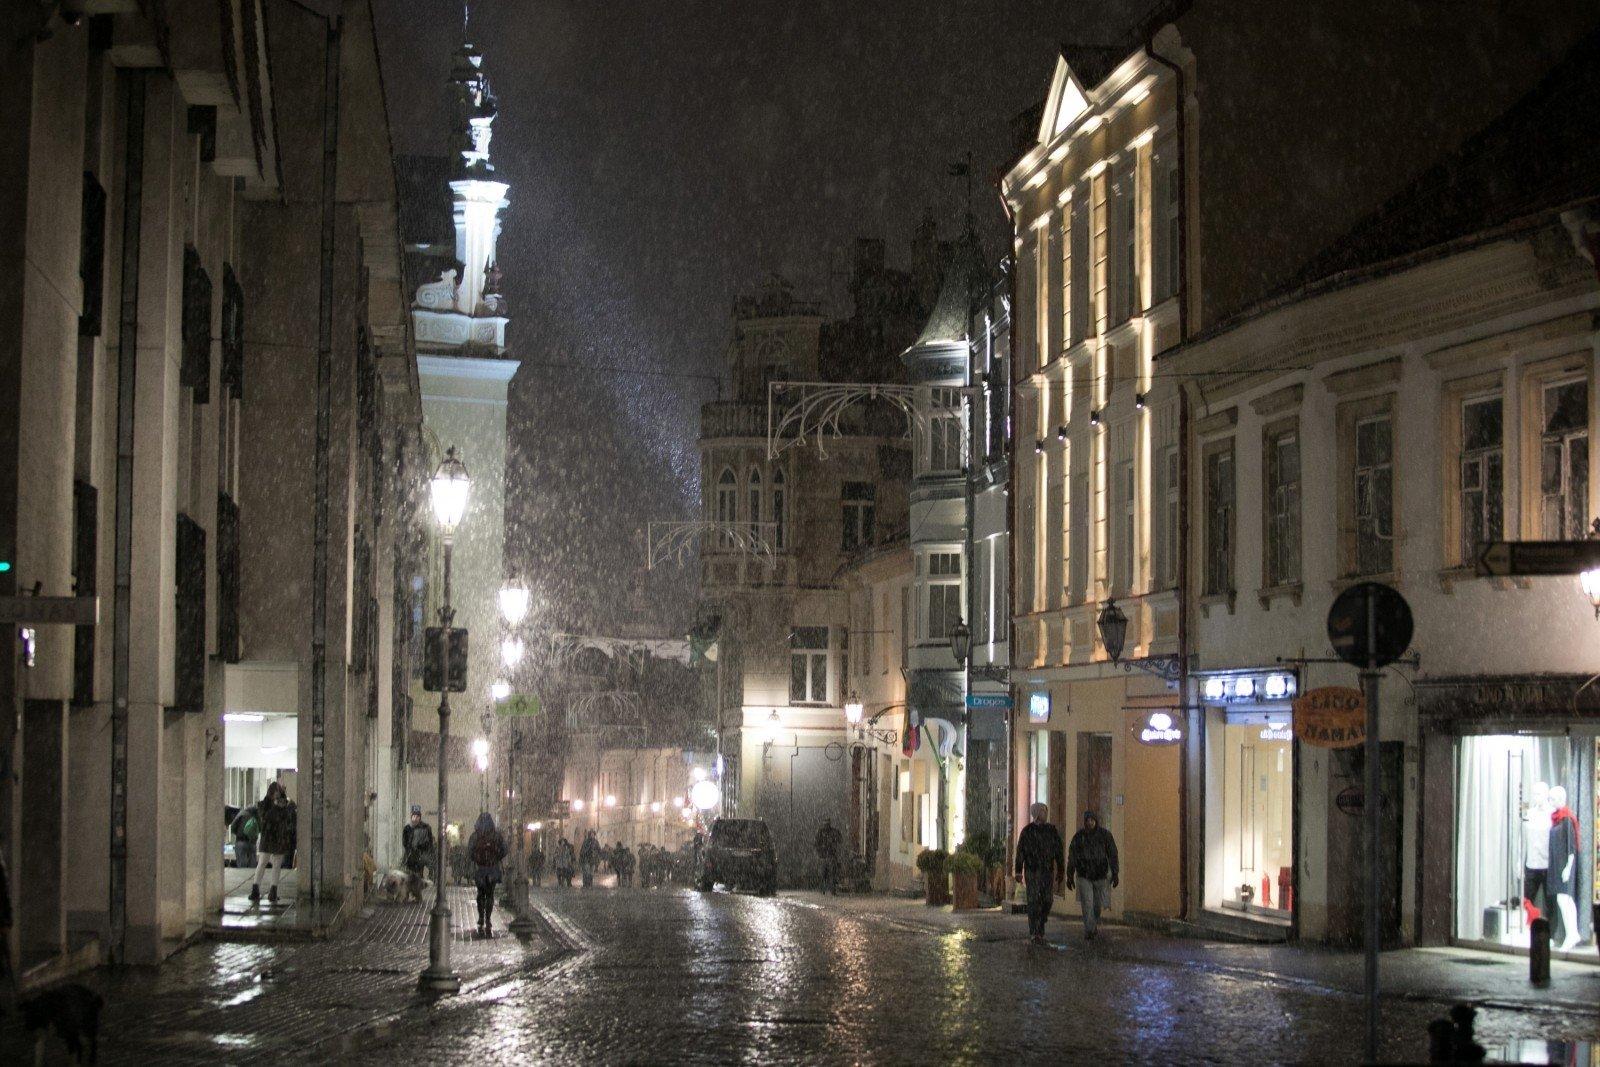 Завтра в Украине будет холодно, воздух прогреется до +8 градусов